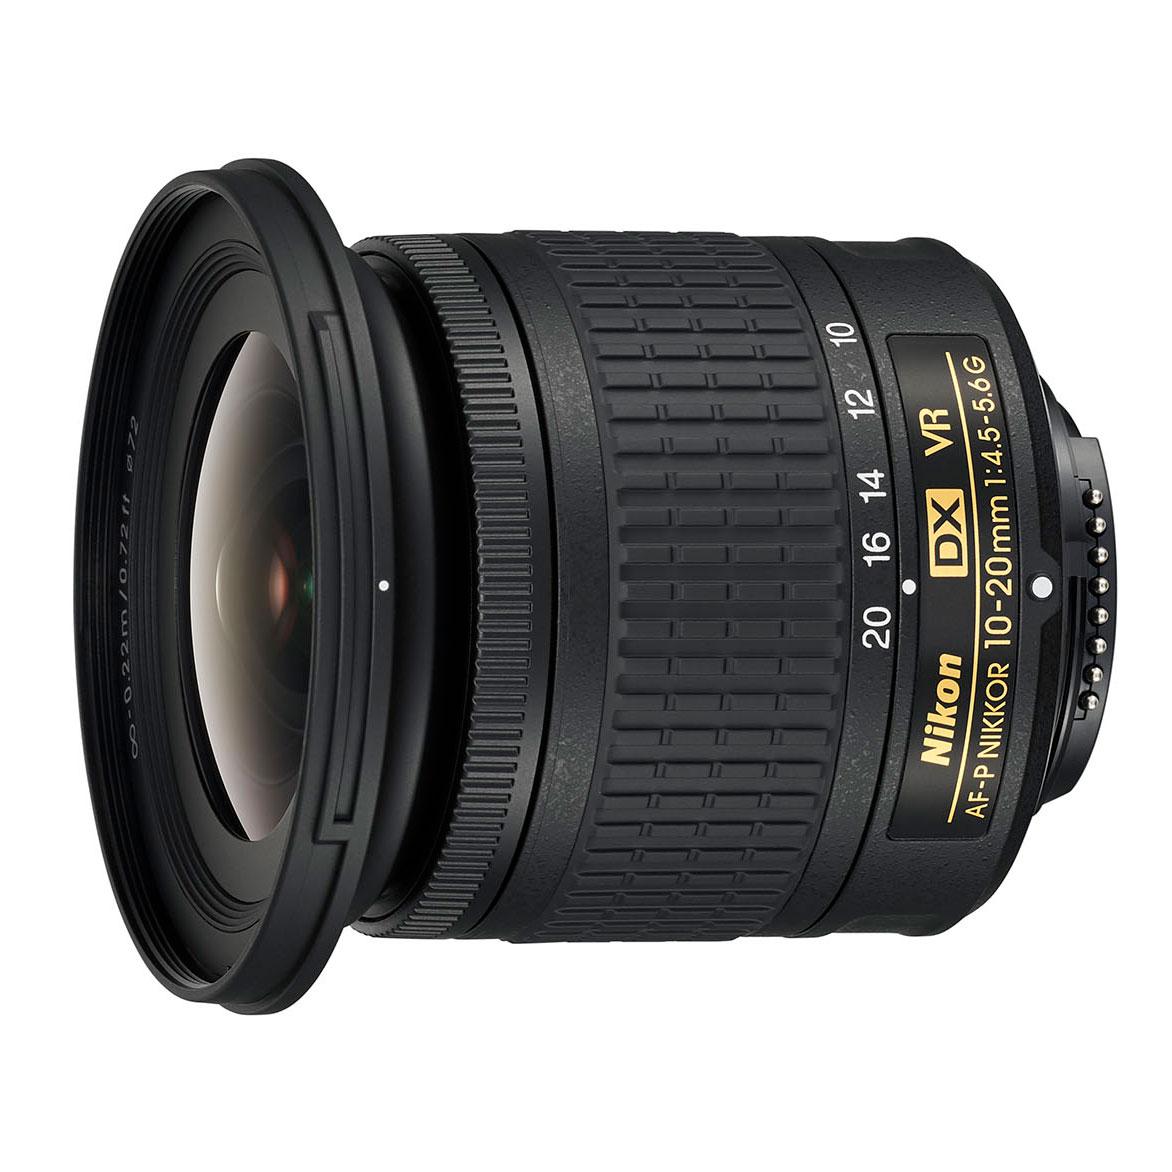 Nikon AF-P DX NIKKOR 10-20 mm f/4,5-5,6G VR